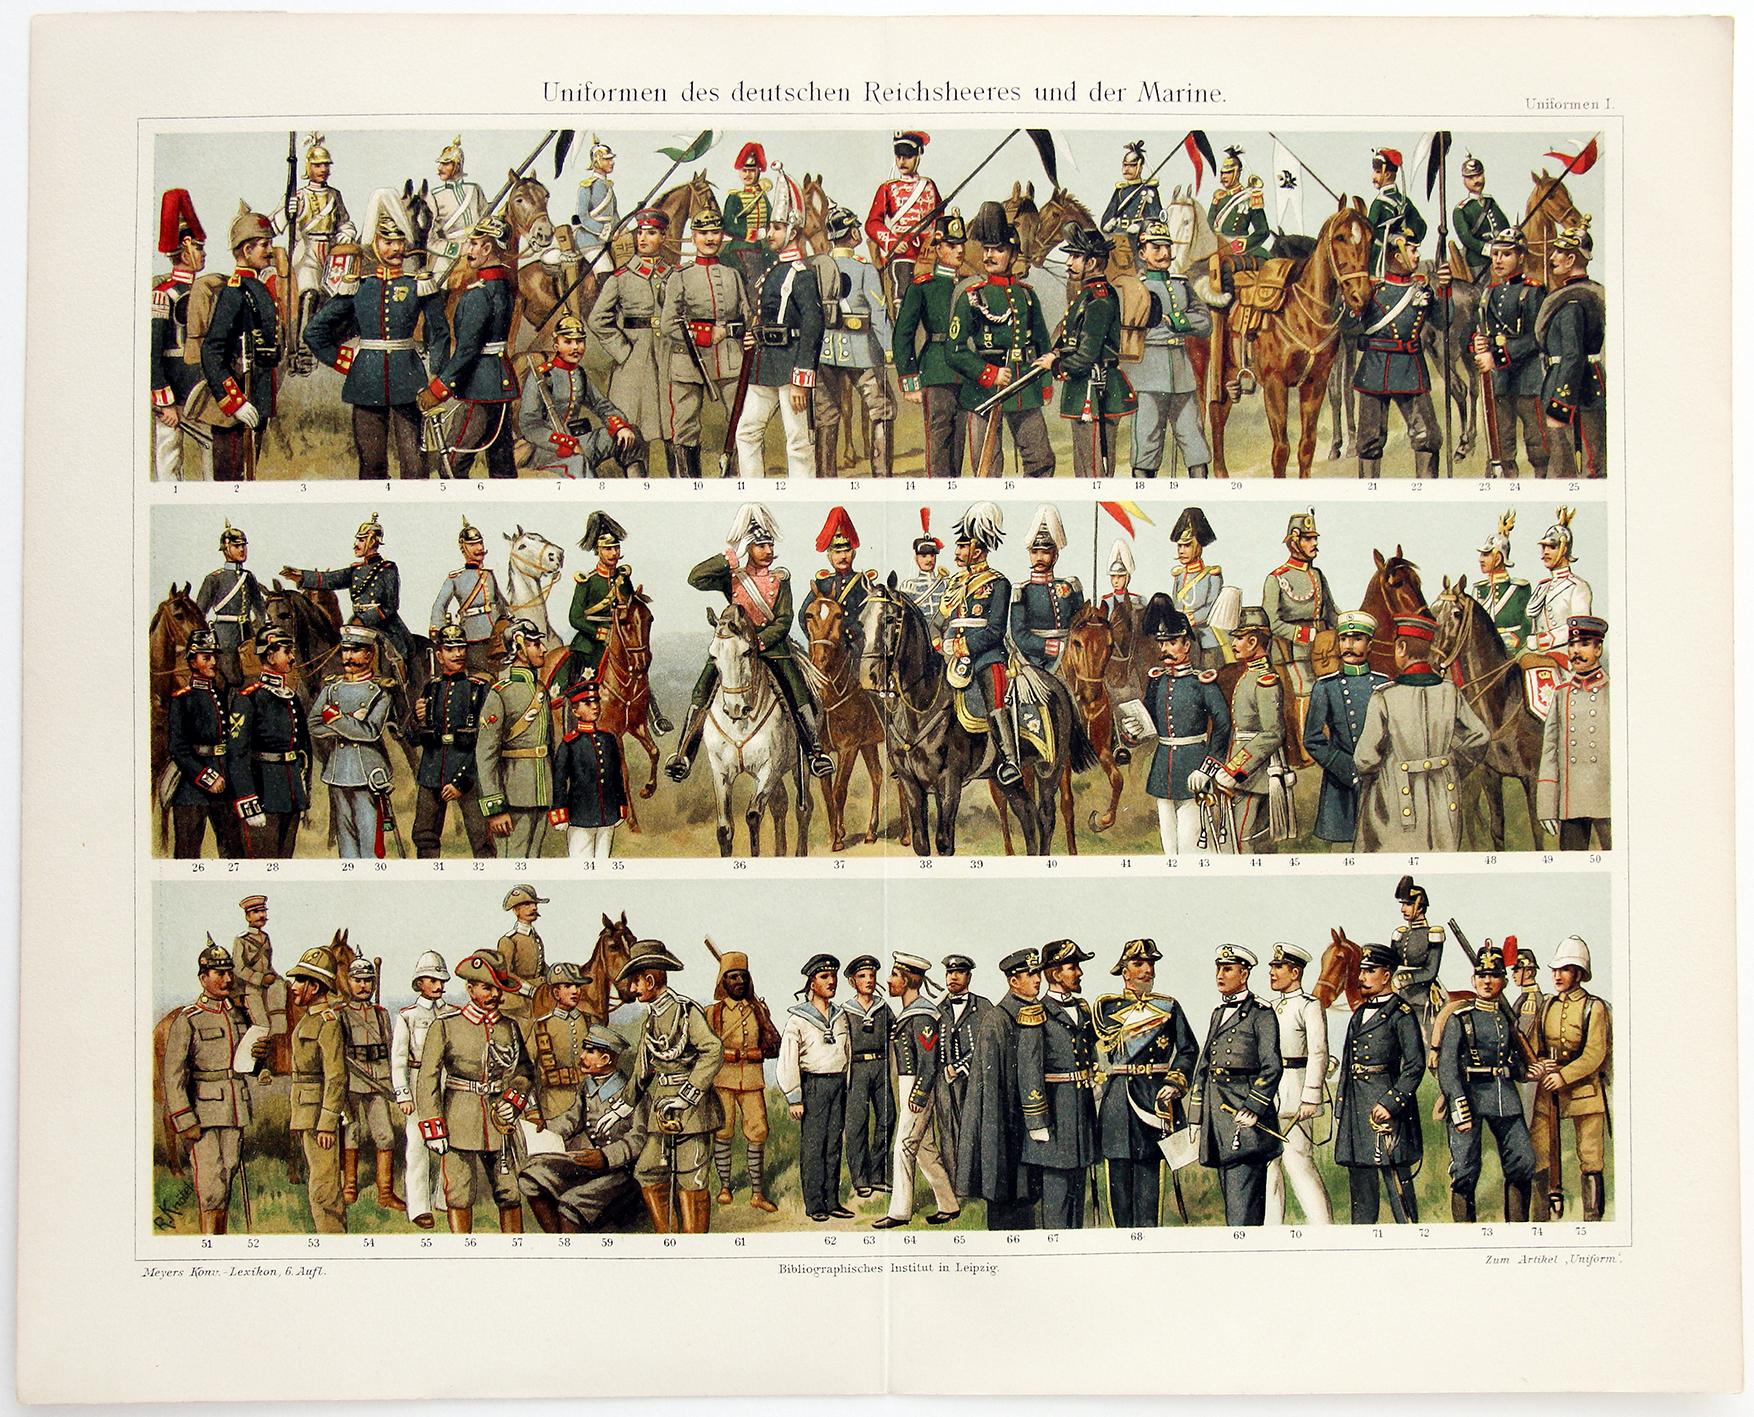 Uniformes Début XX - Planche Knötel Richard - Uniformen des deutschen Reichsheeres und Marine - Europe avant guerre - Chromolithographie